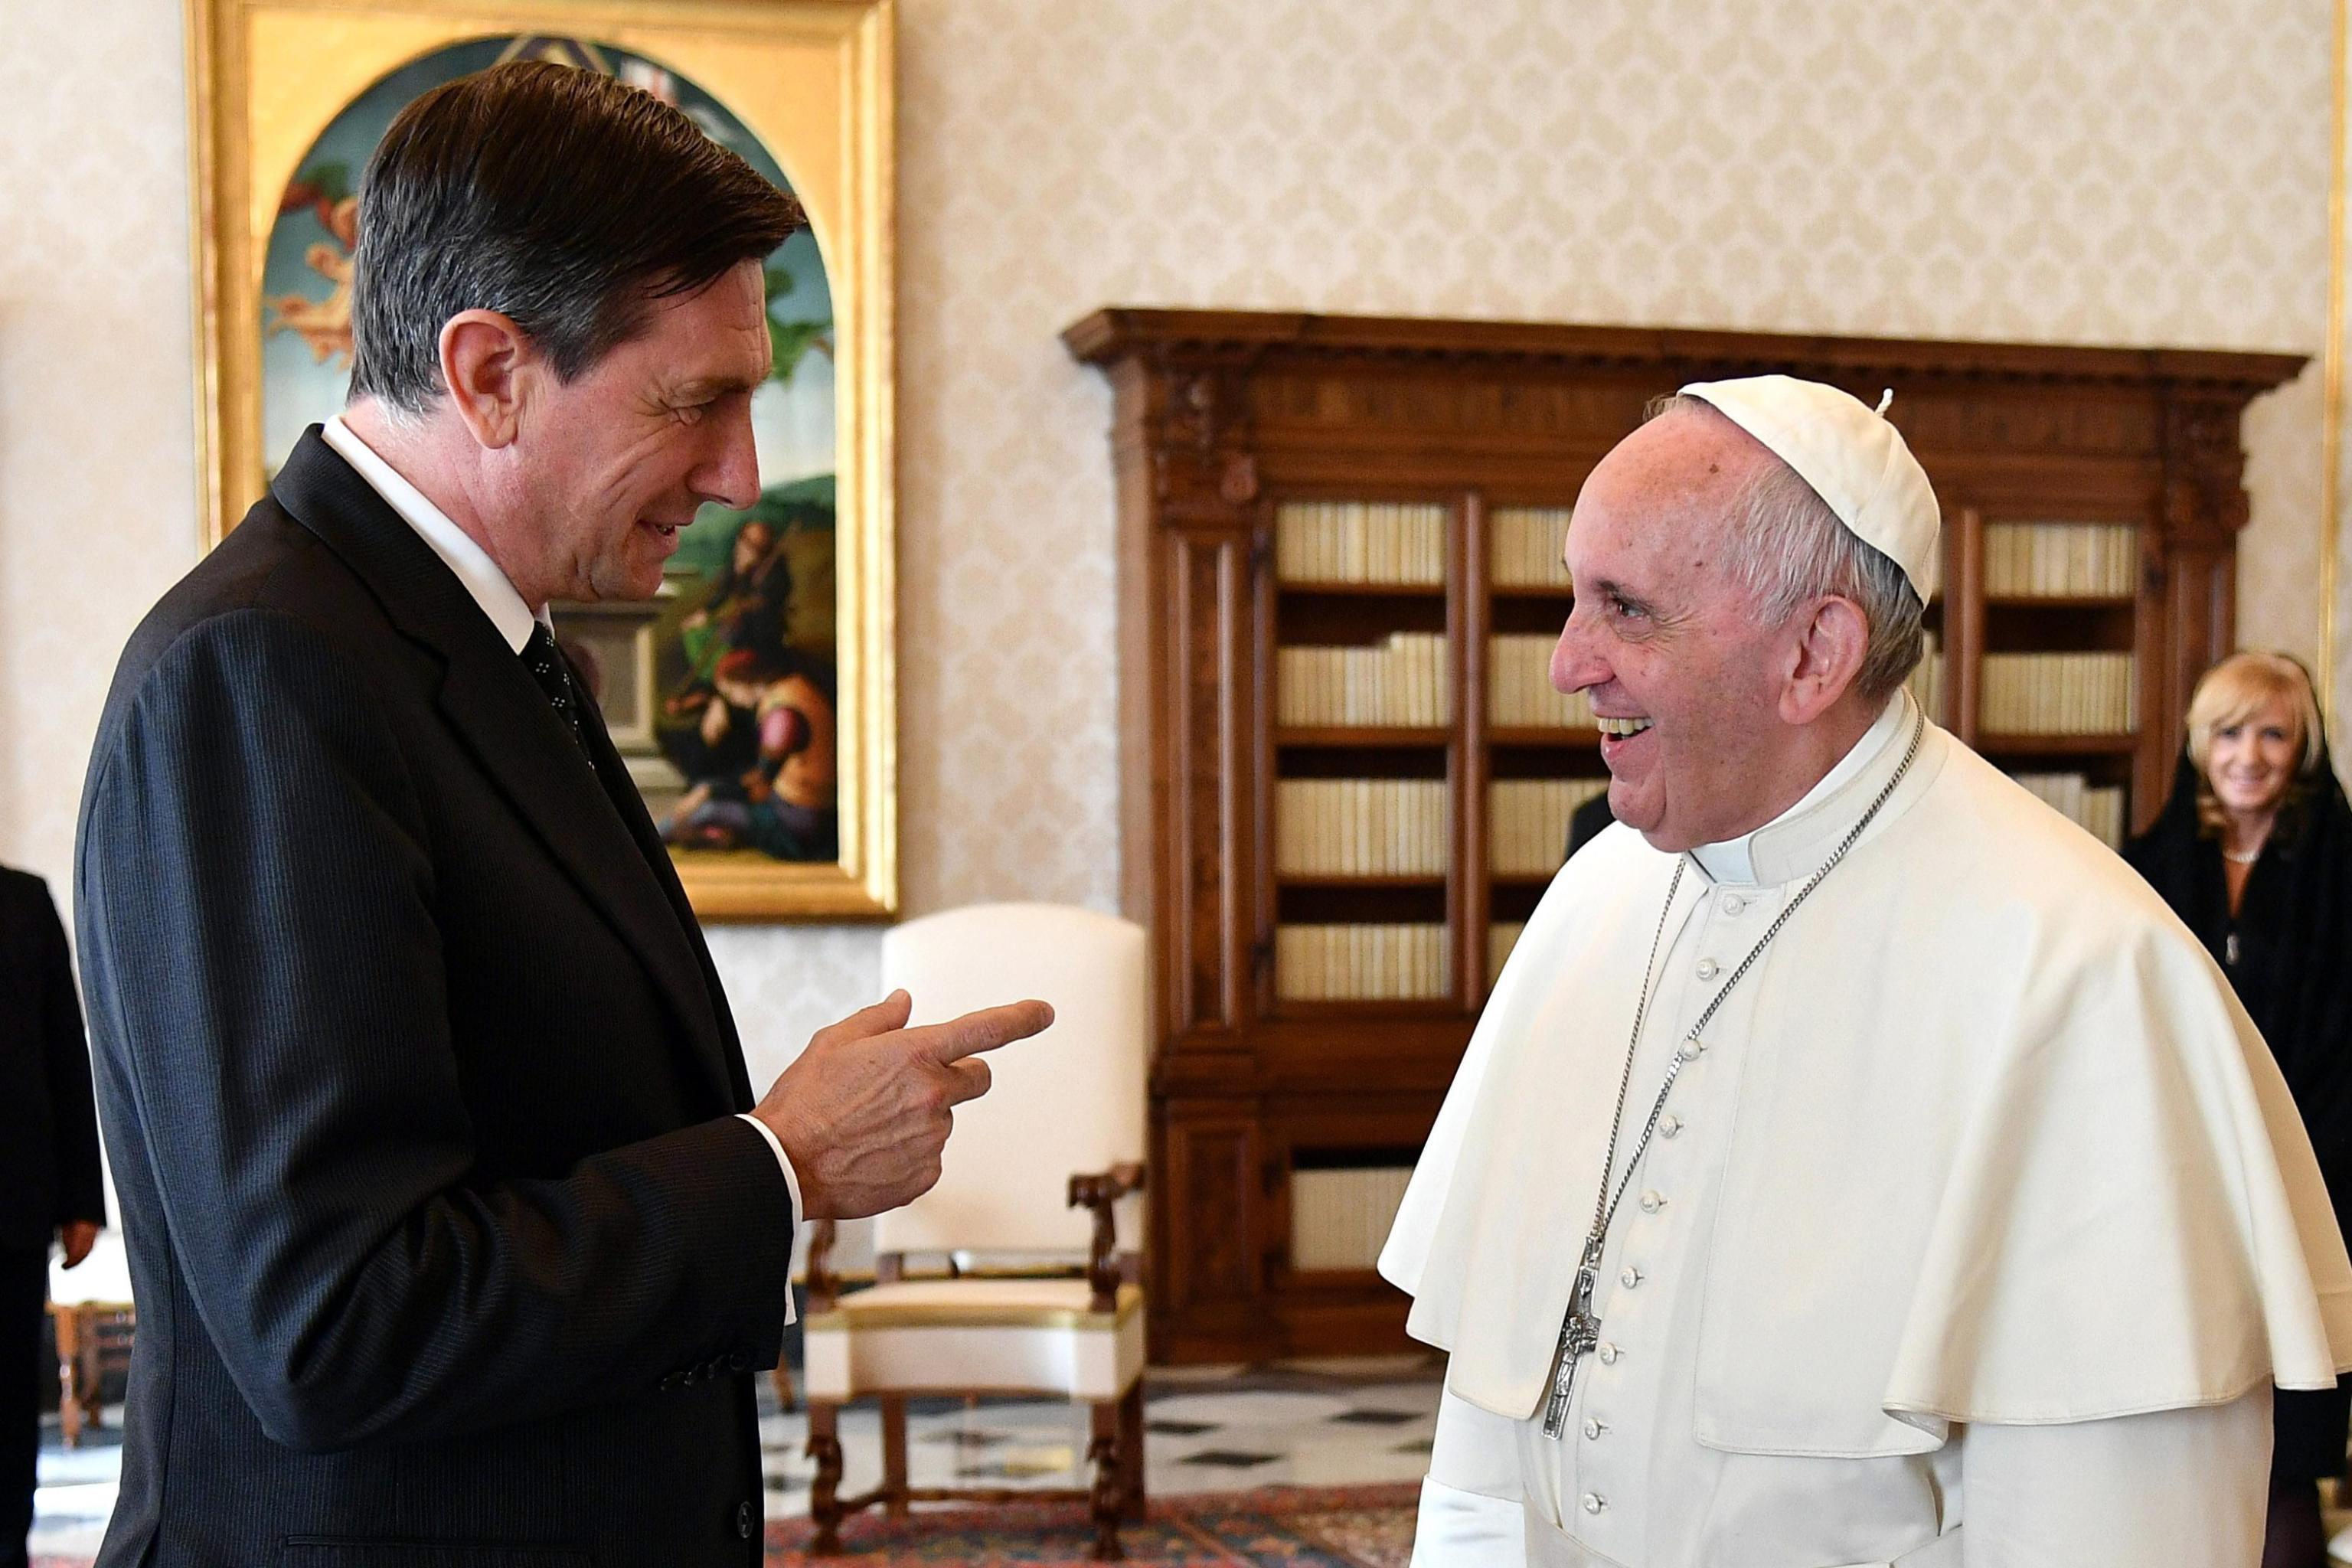 Franciszek przyjął dzisiaj na prywatnej audiencji prezydenta Słowenii Boruta Pahora. Okazją była zbliżająca się 25. rocznica nawiązania stosunków dyplomatycznych między Watykanem a Ljubljaną.